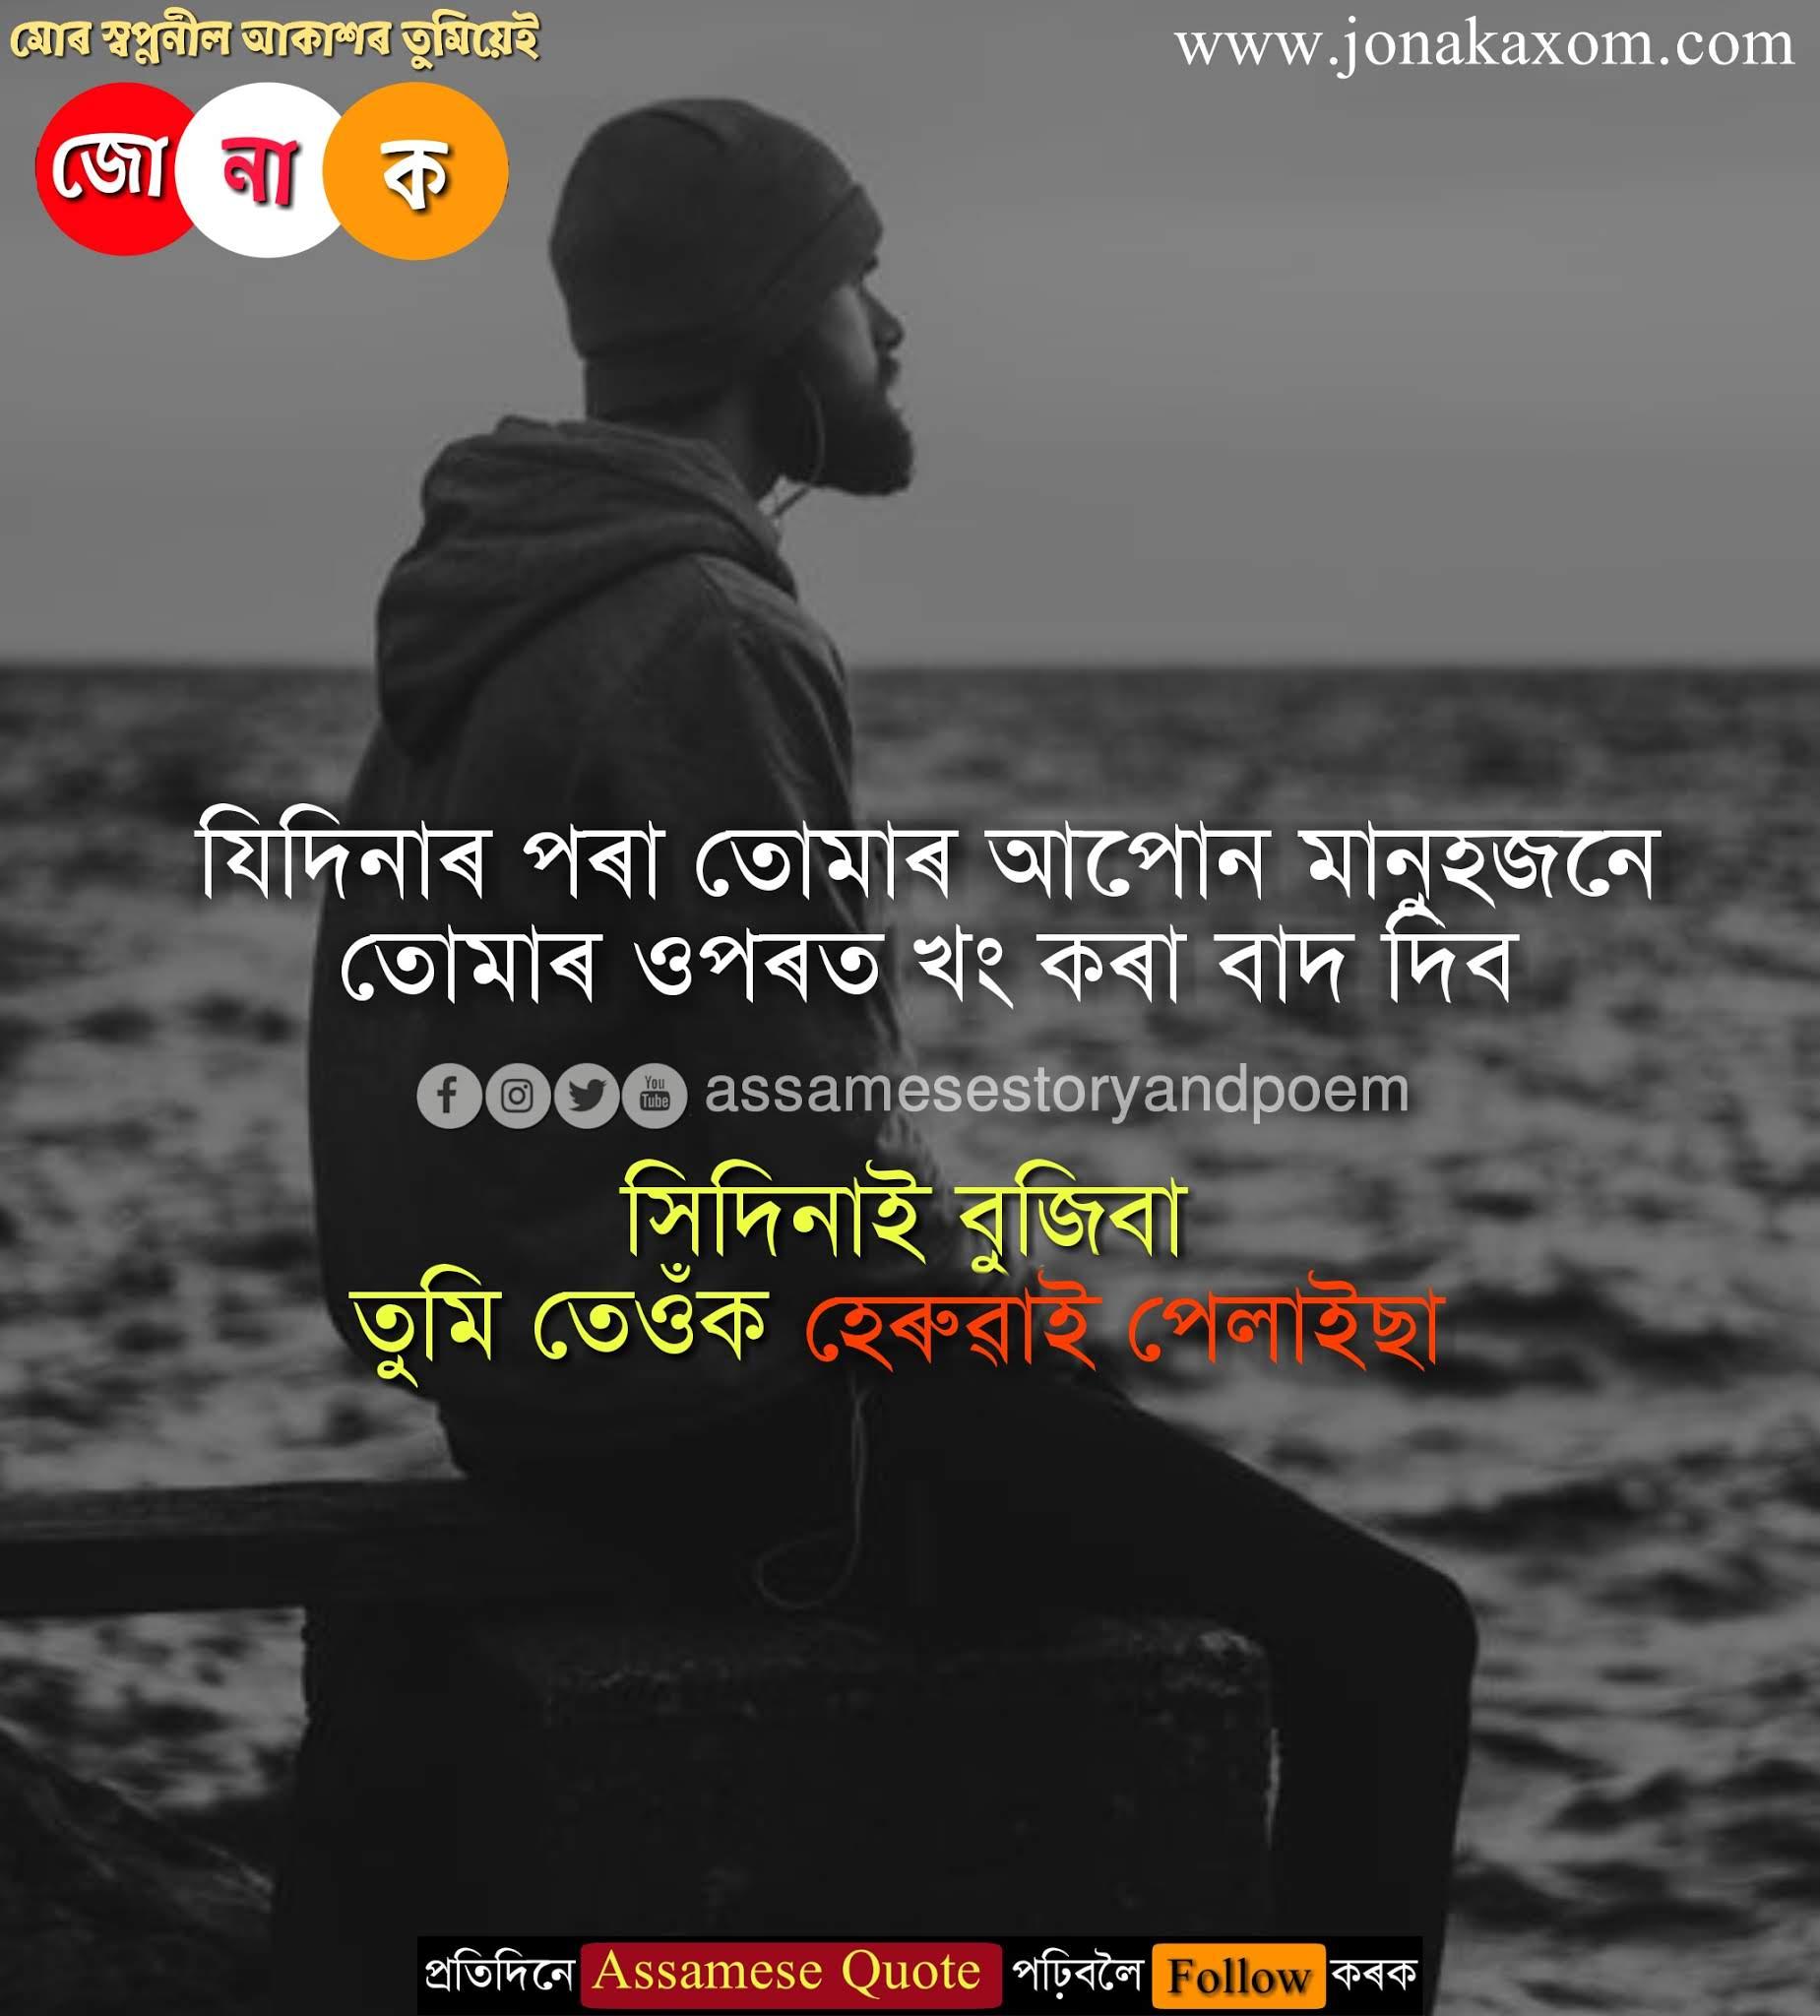 assamese sad quotes image | assamese facebook status